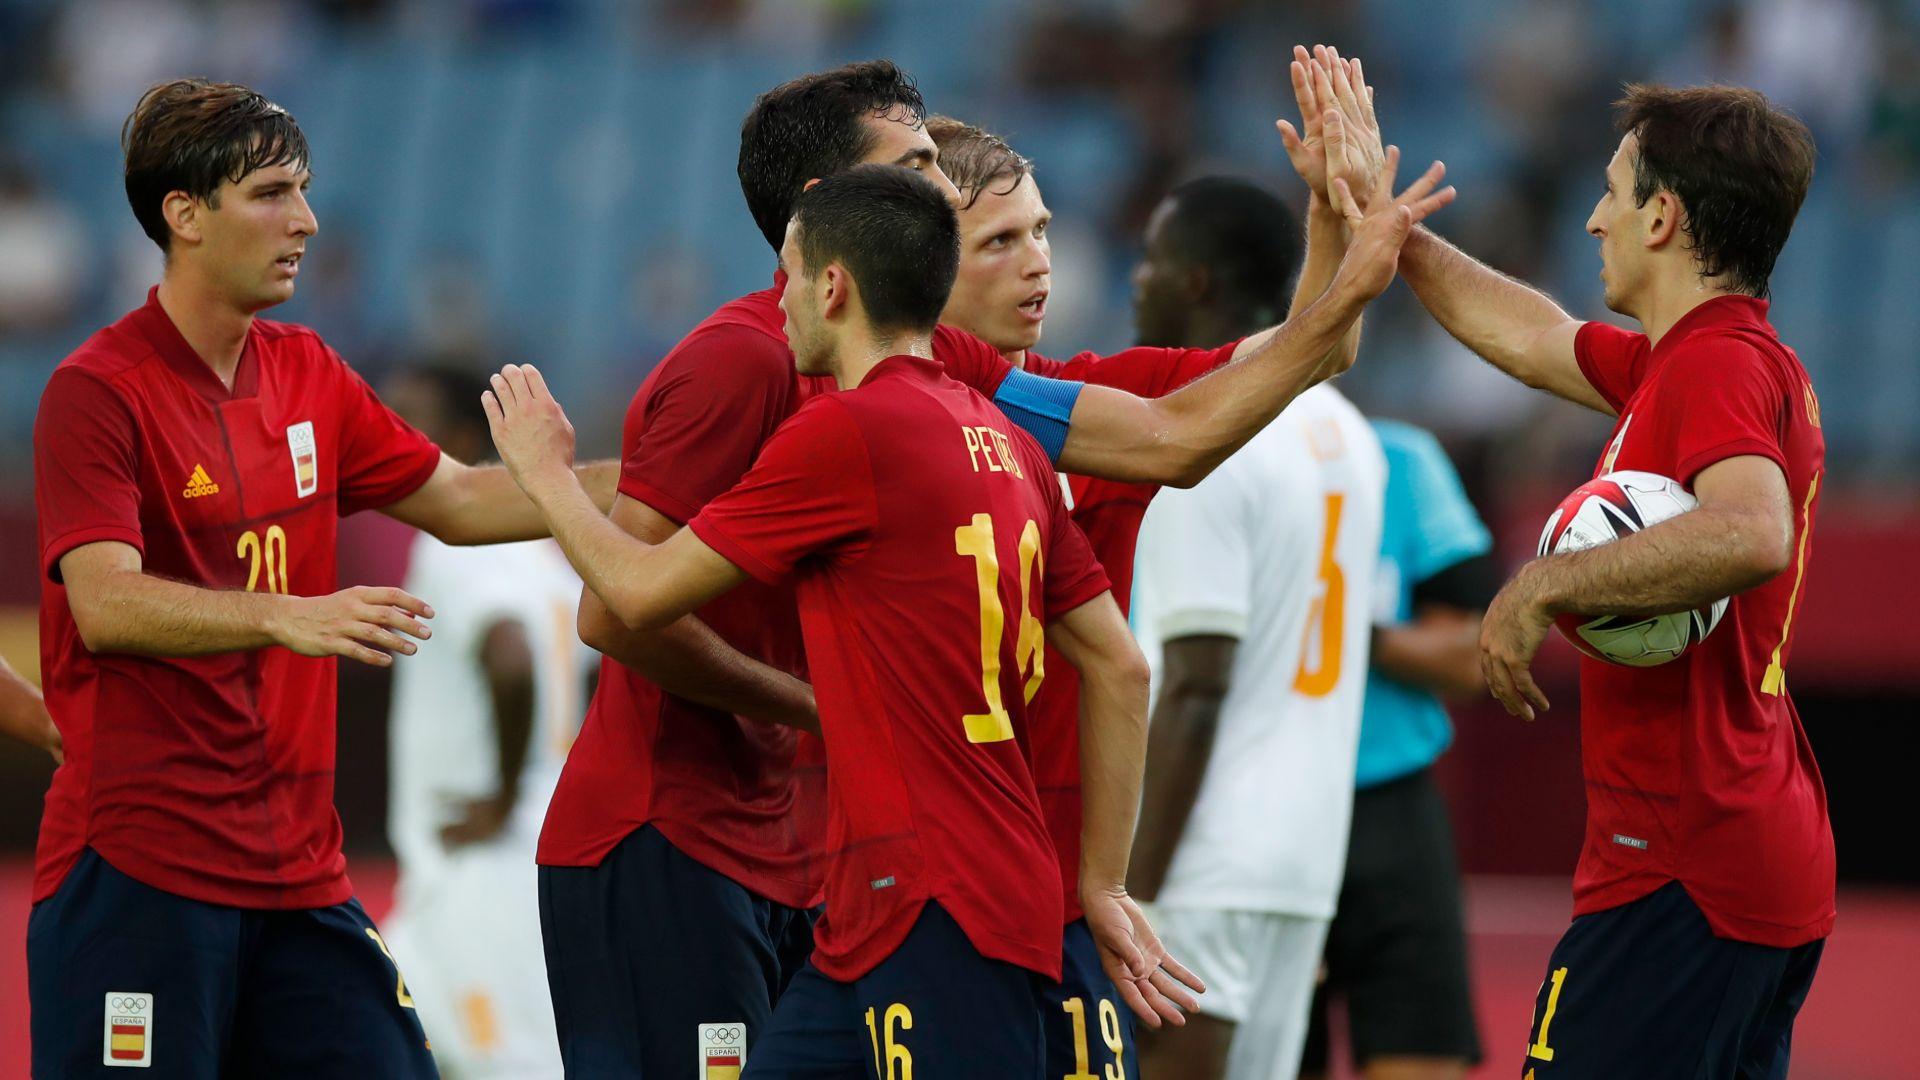 La selecció espanyola de futbol lluitarà per les medalles als JOcs